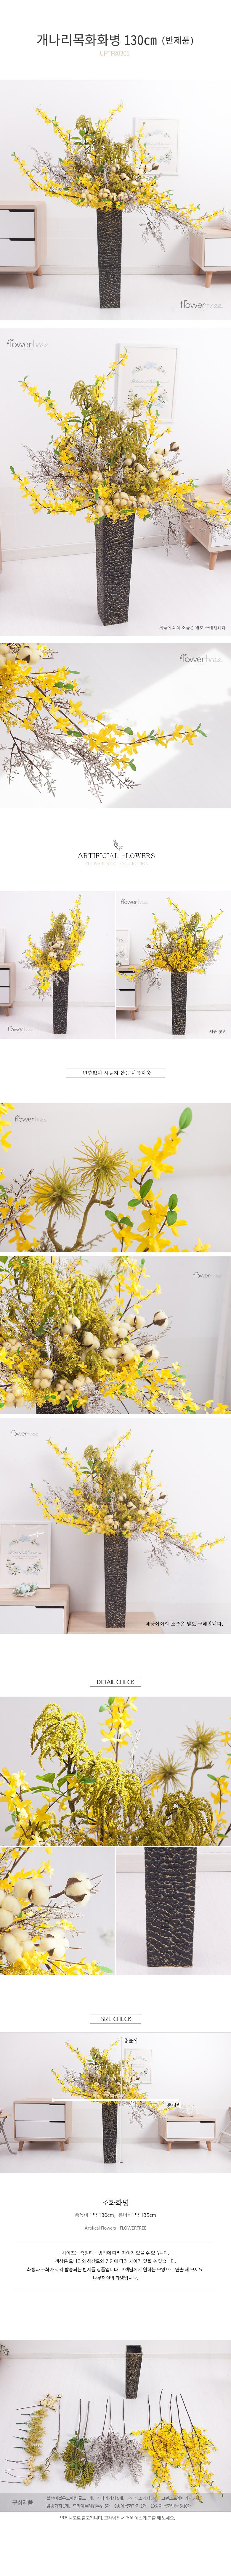 개나리목화화병 130cmP [조화] - 플라워트리, 168,000원, 조화, 화분세트